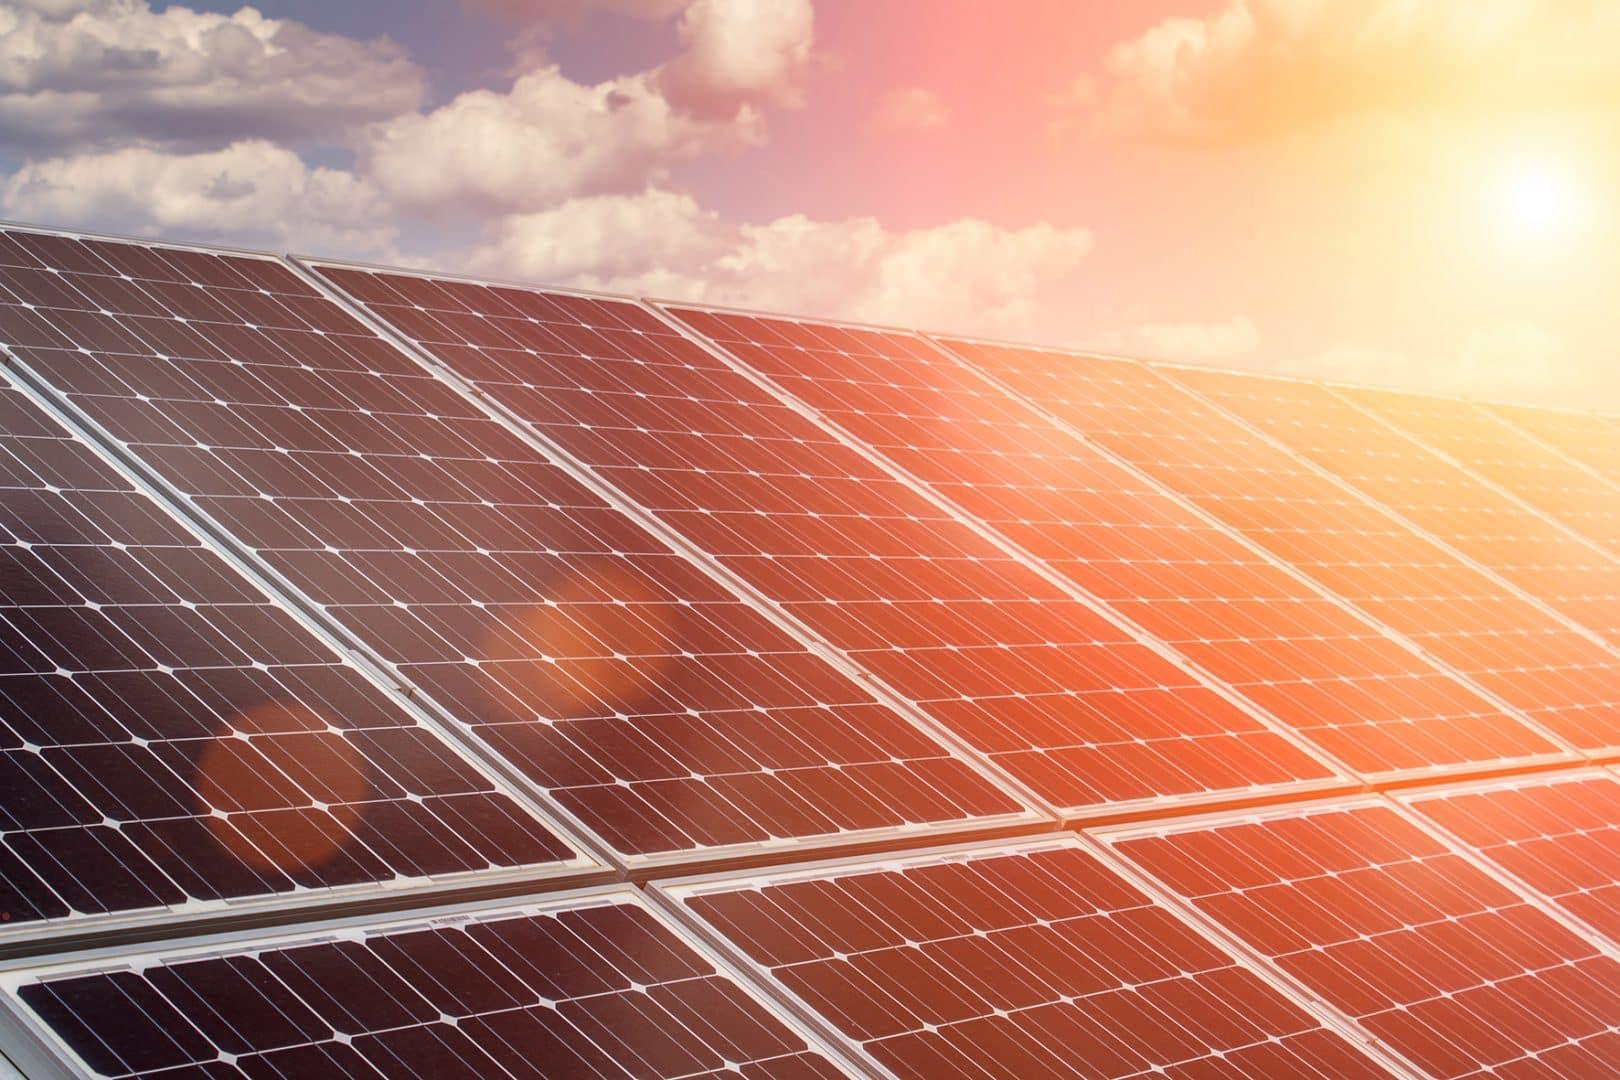 hausse seuil projet photovoltaique sans appel d'offres